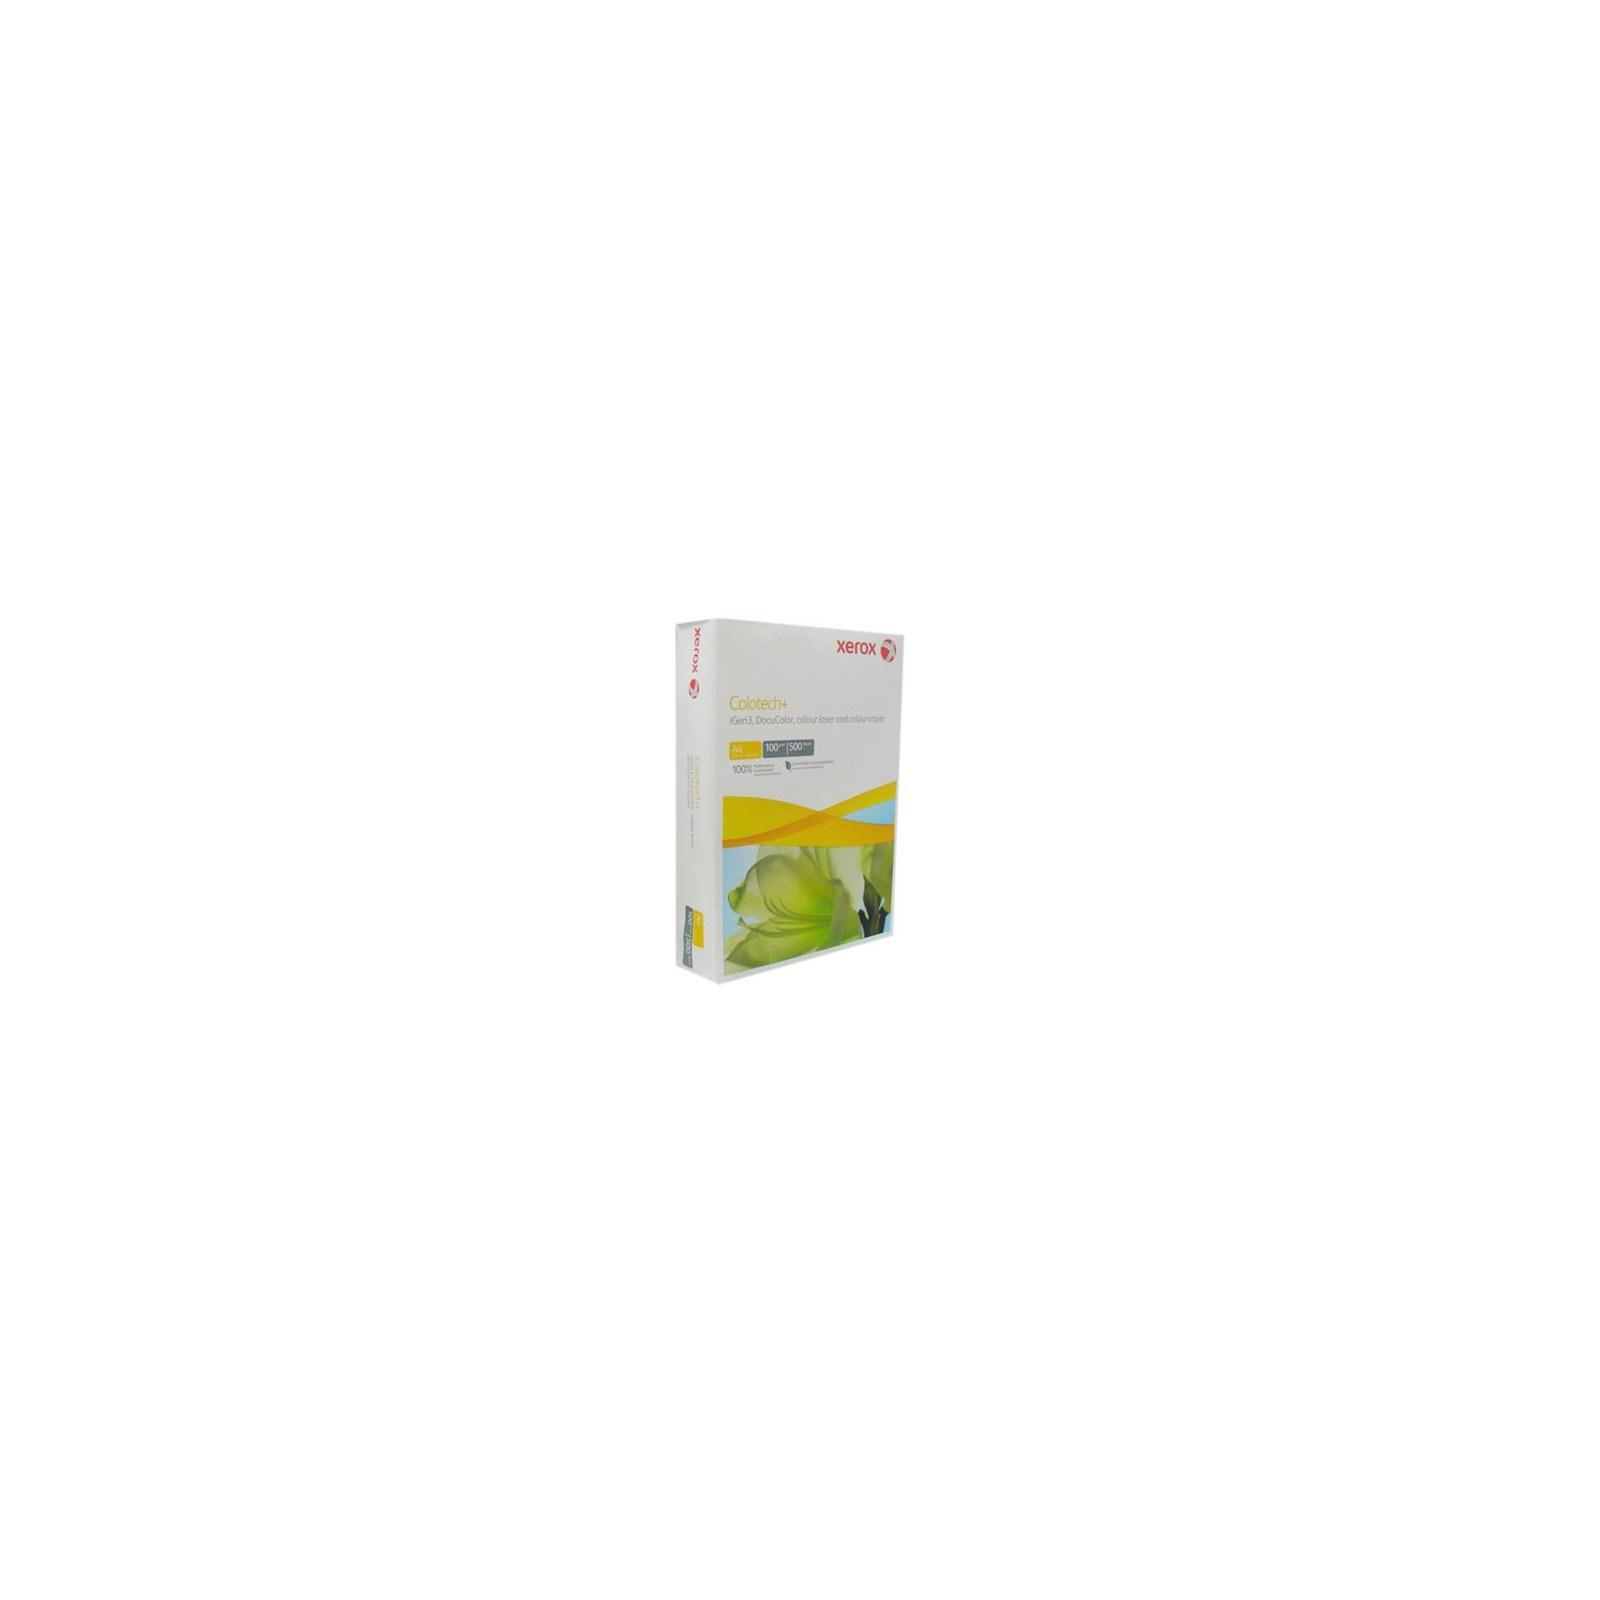 Бумага XEROX A4 COLOTECH + (003R94646)